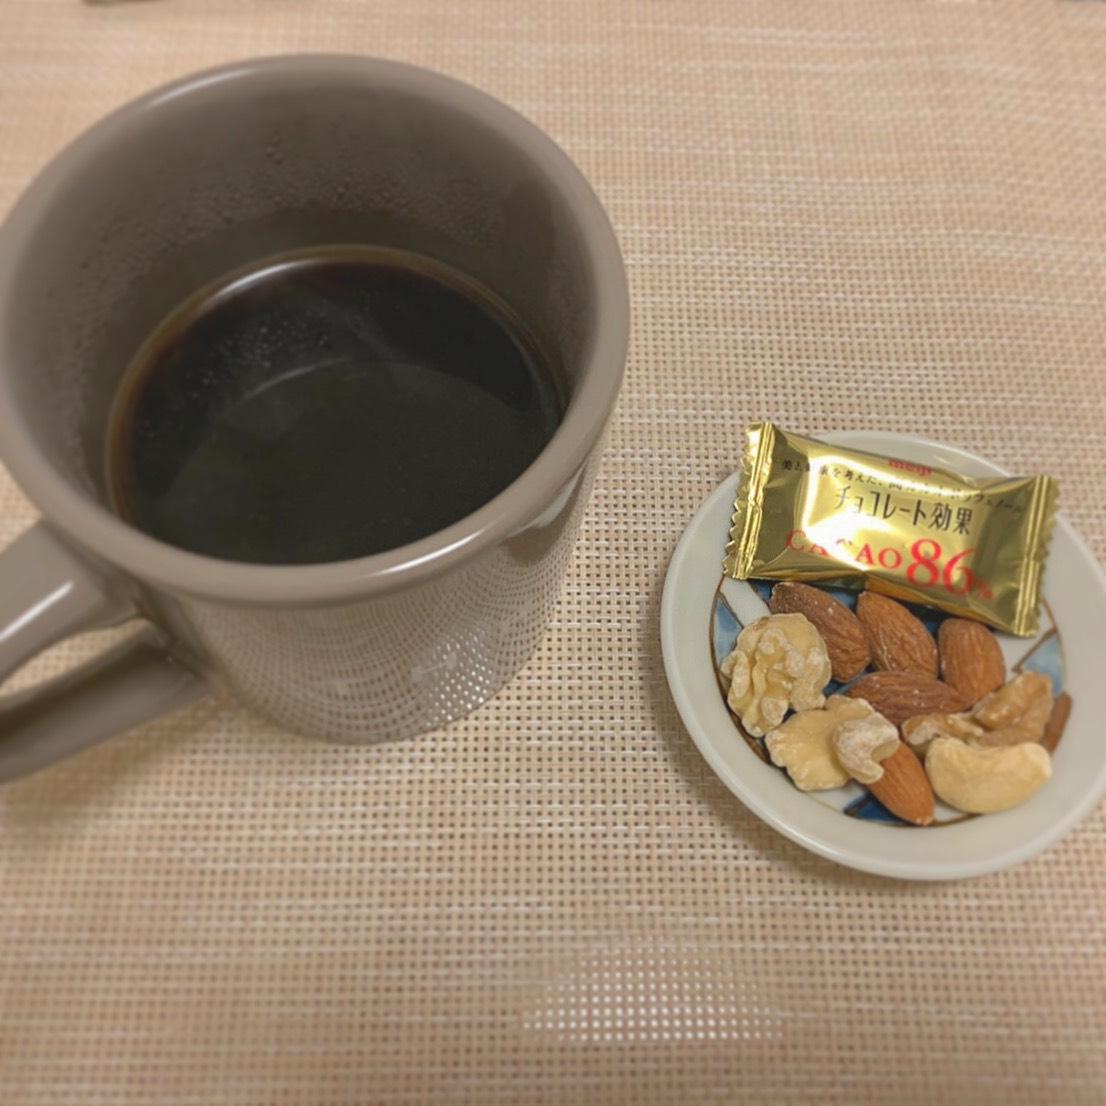 コーヒーとナッツ@福岡ダイエットジム